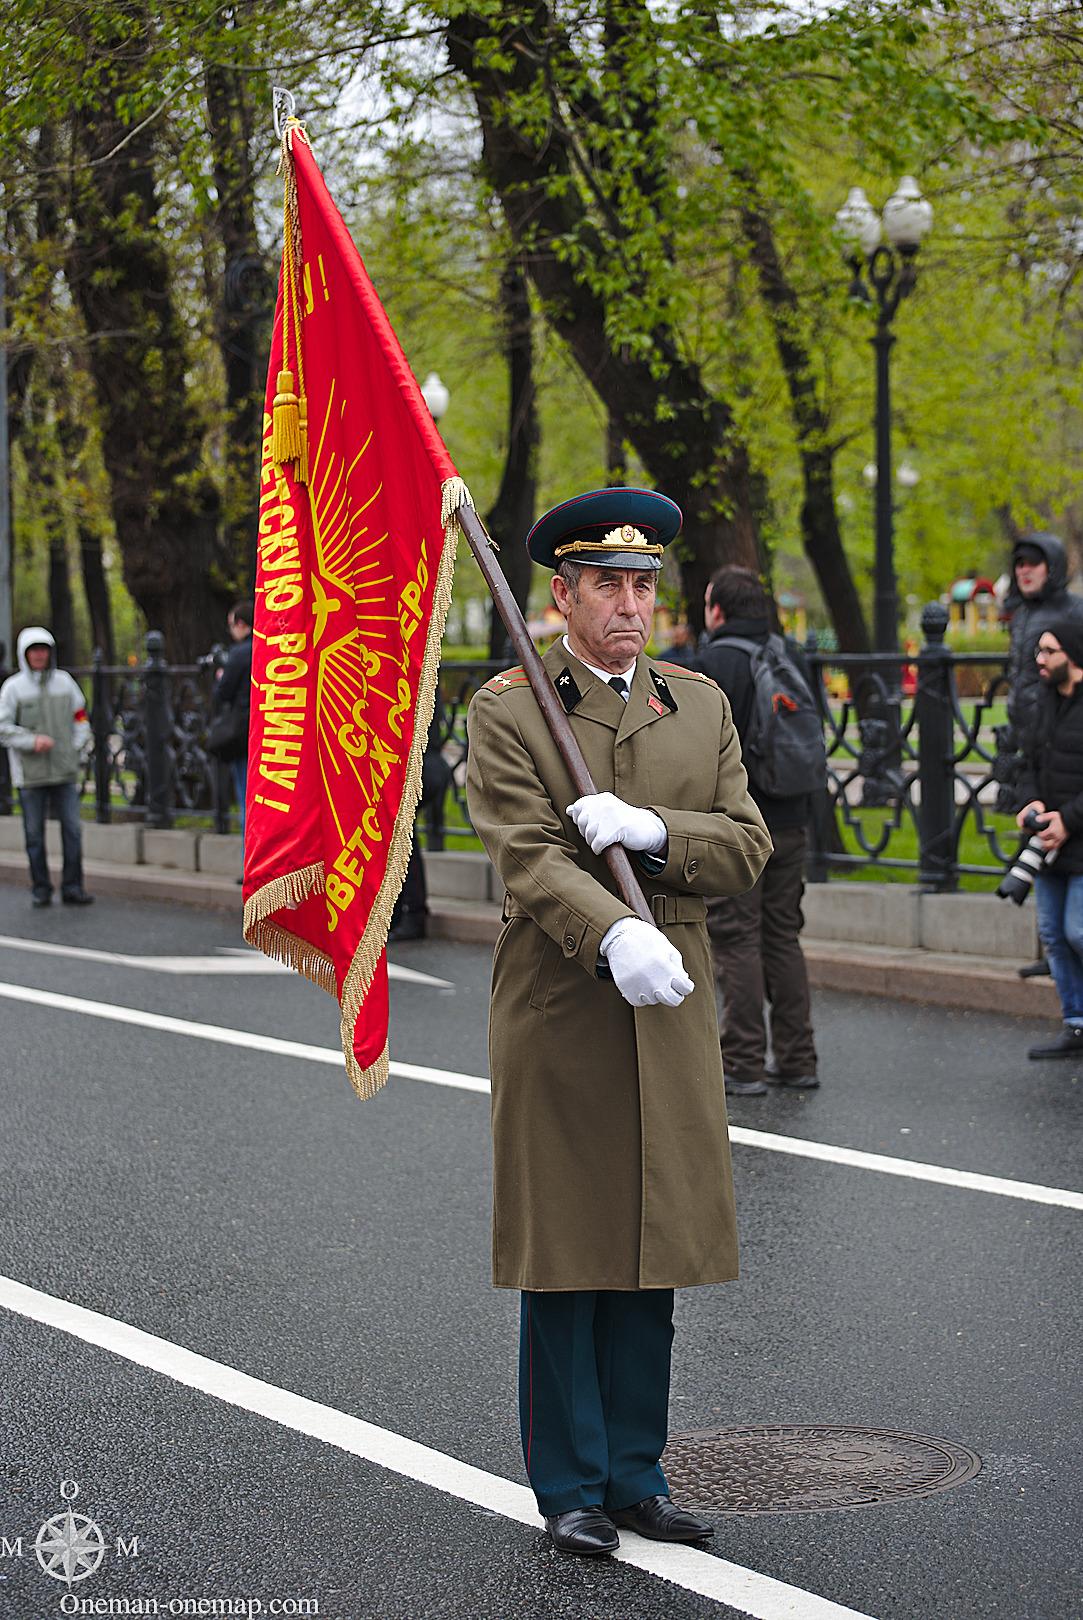 militär paraden youtube